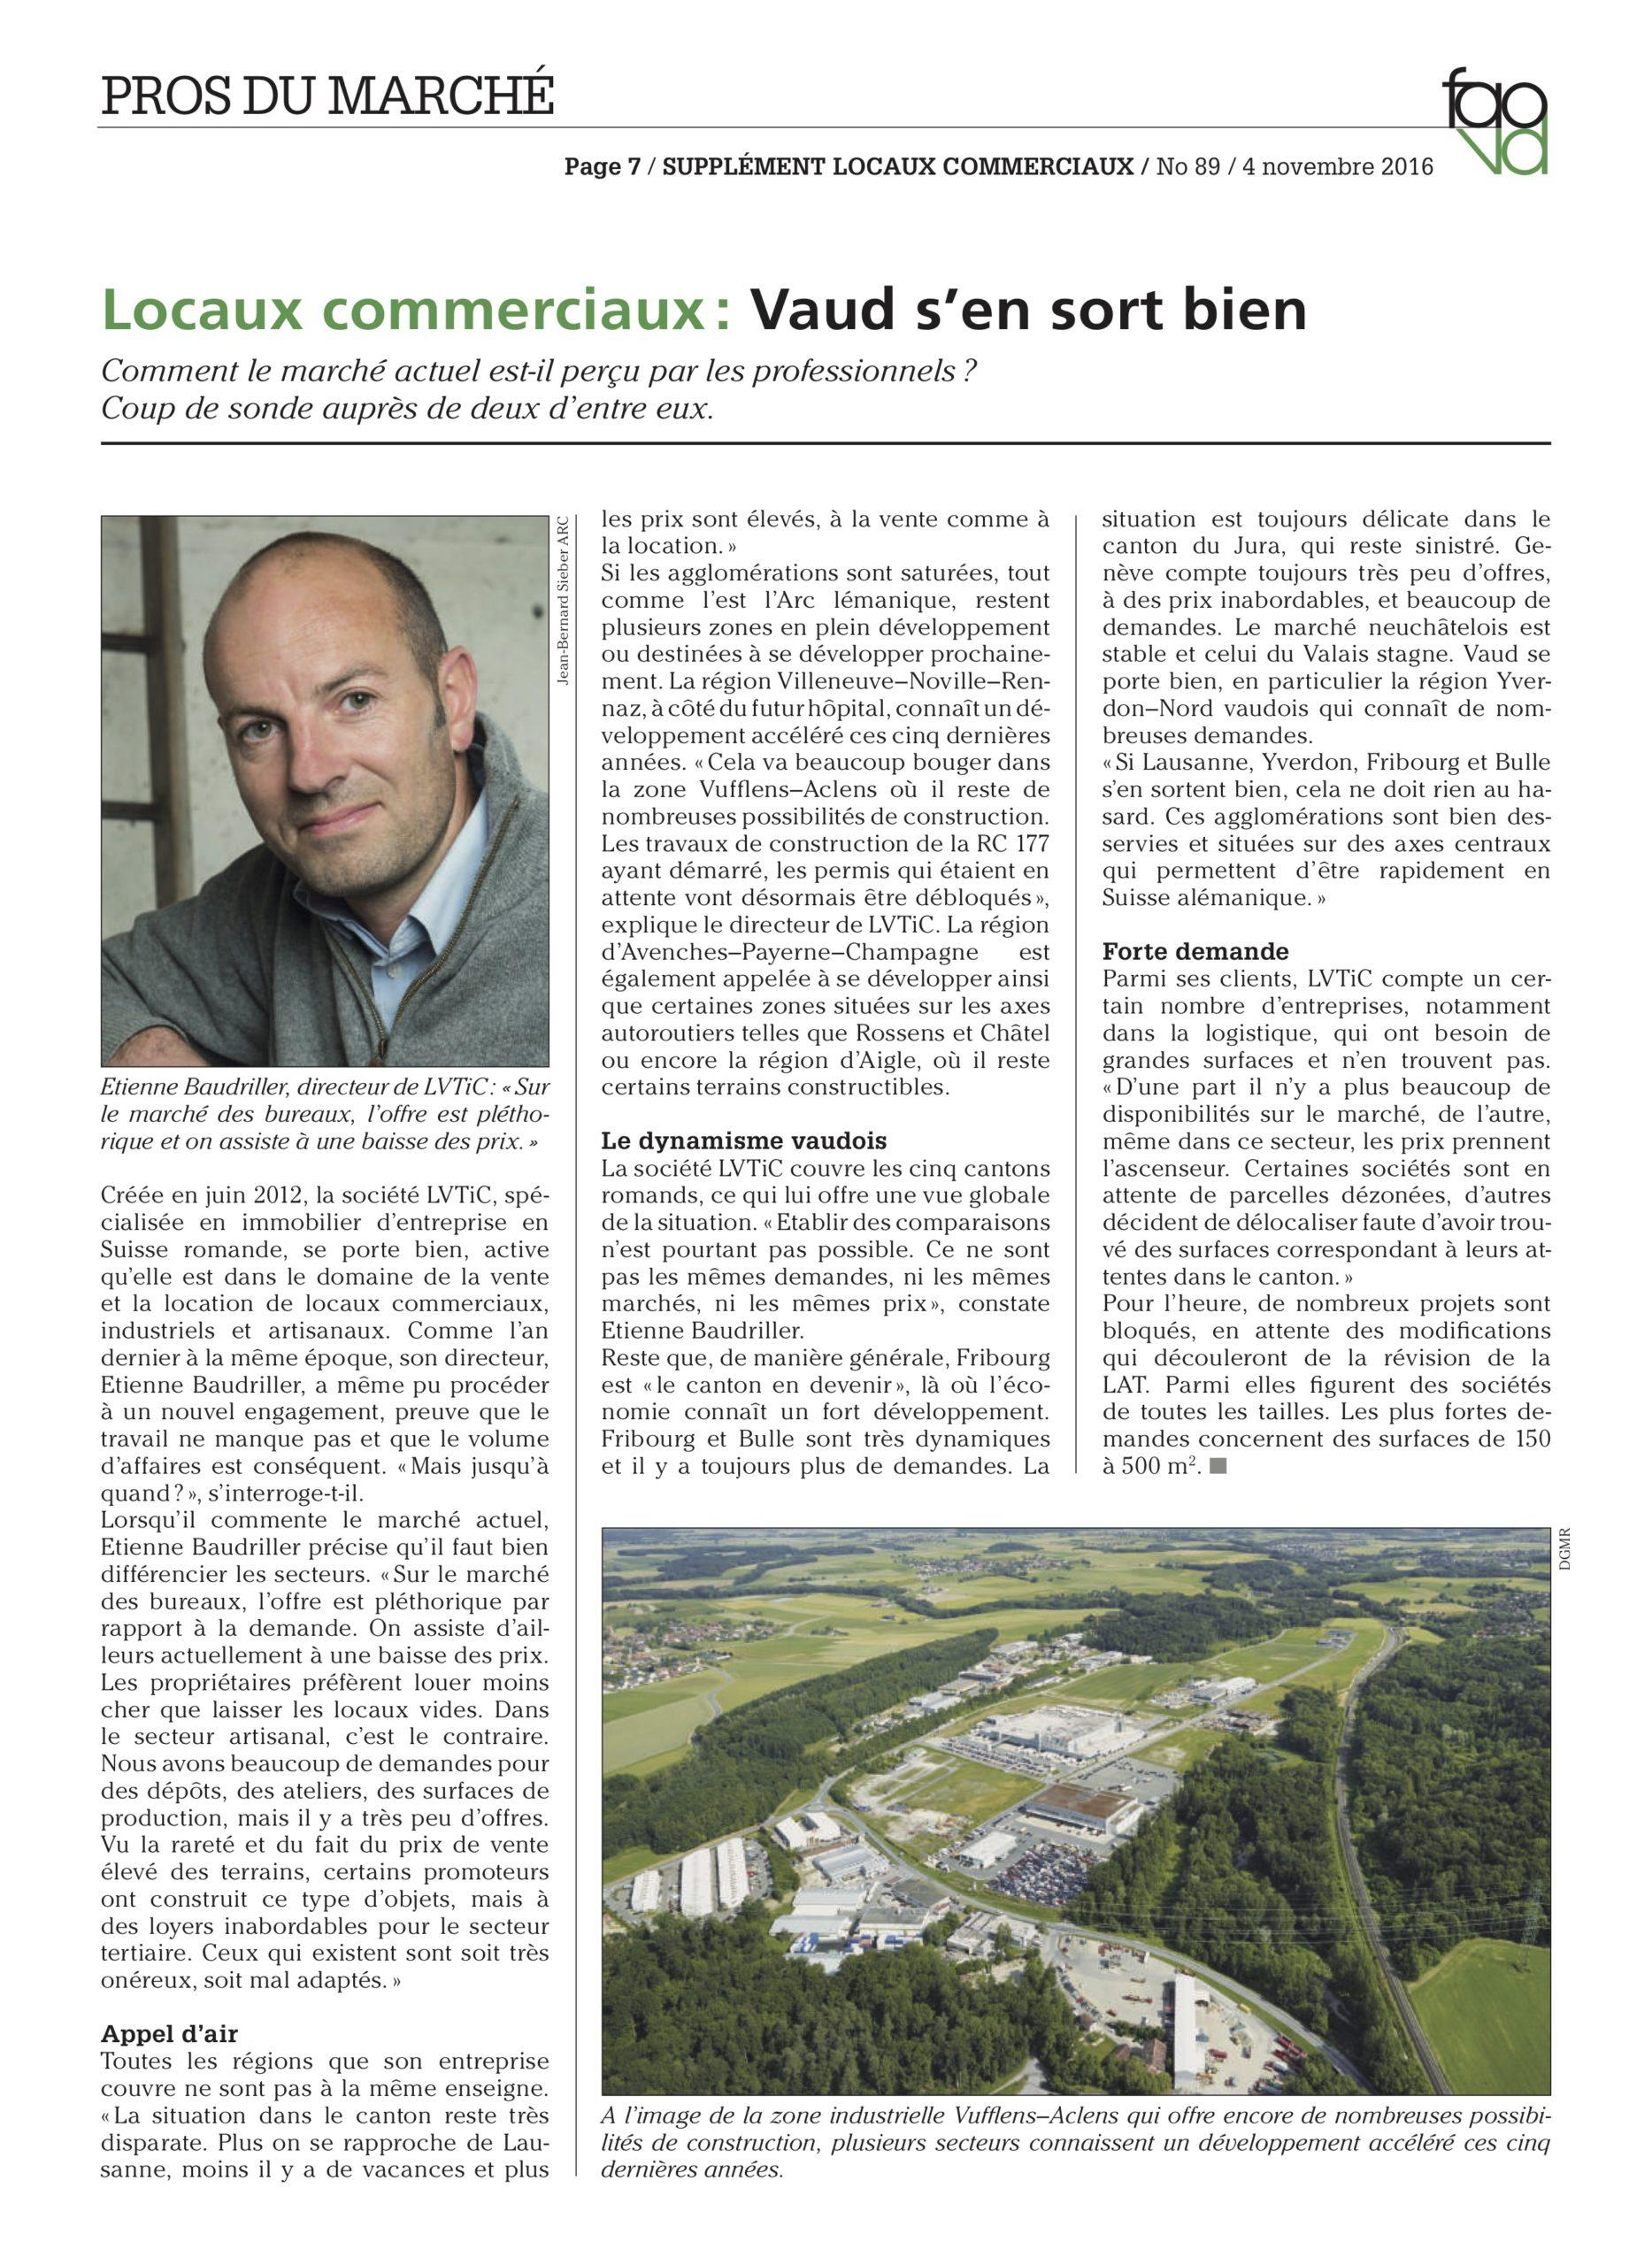 FAO-locaux-commerciaux-vaud-sen-sort-bien-1